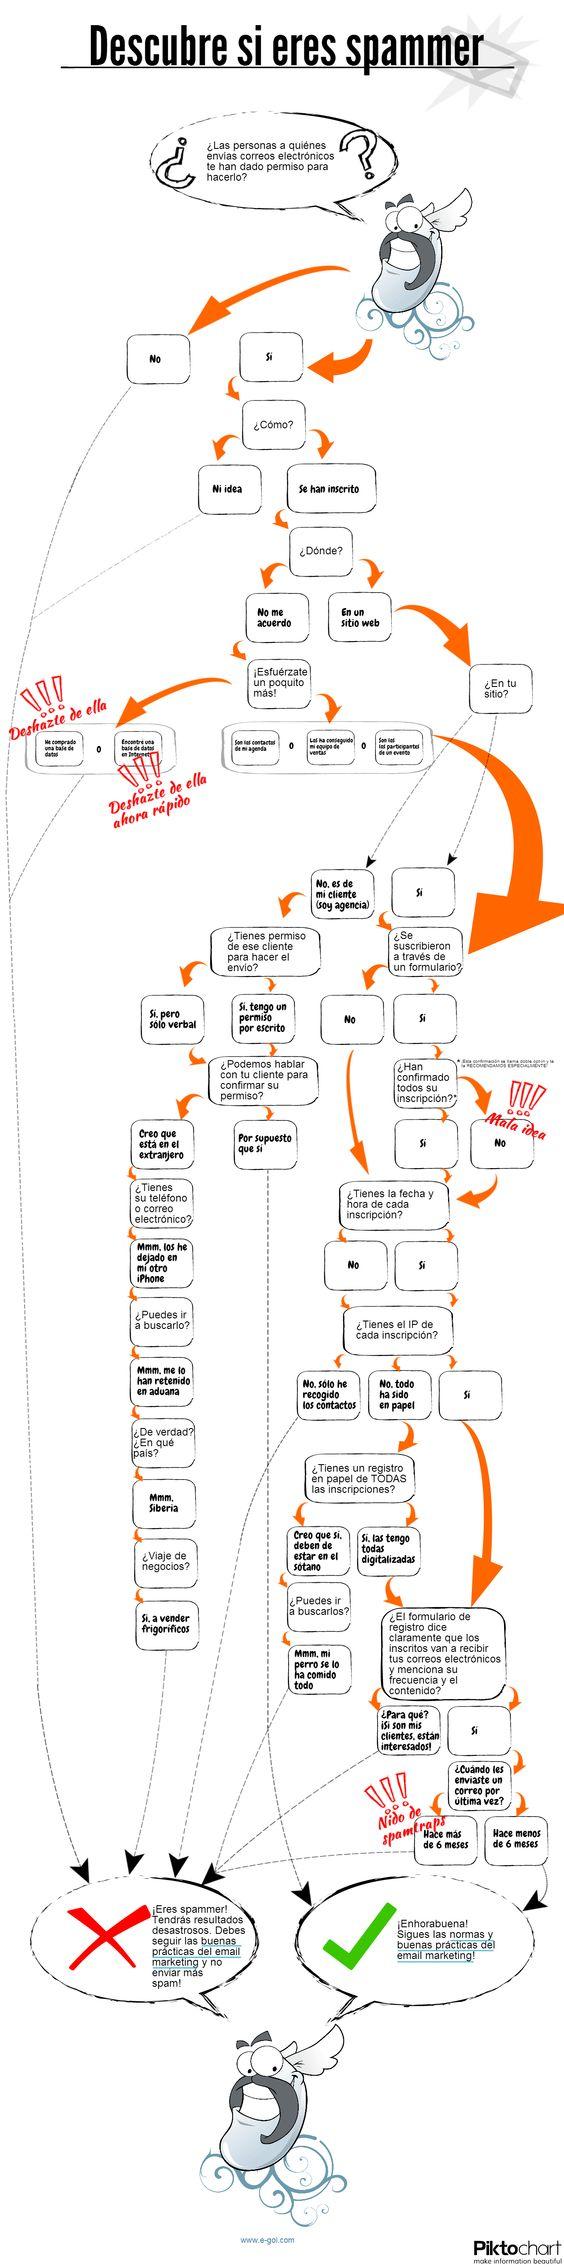 descubre si eres #spammer,(individuo o empresa que envían correo no deseado) #Infografía